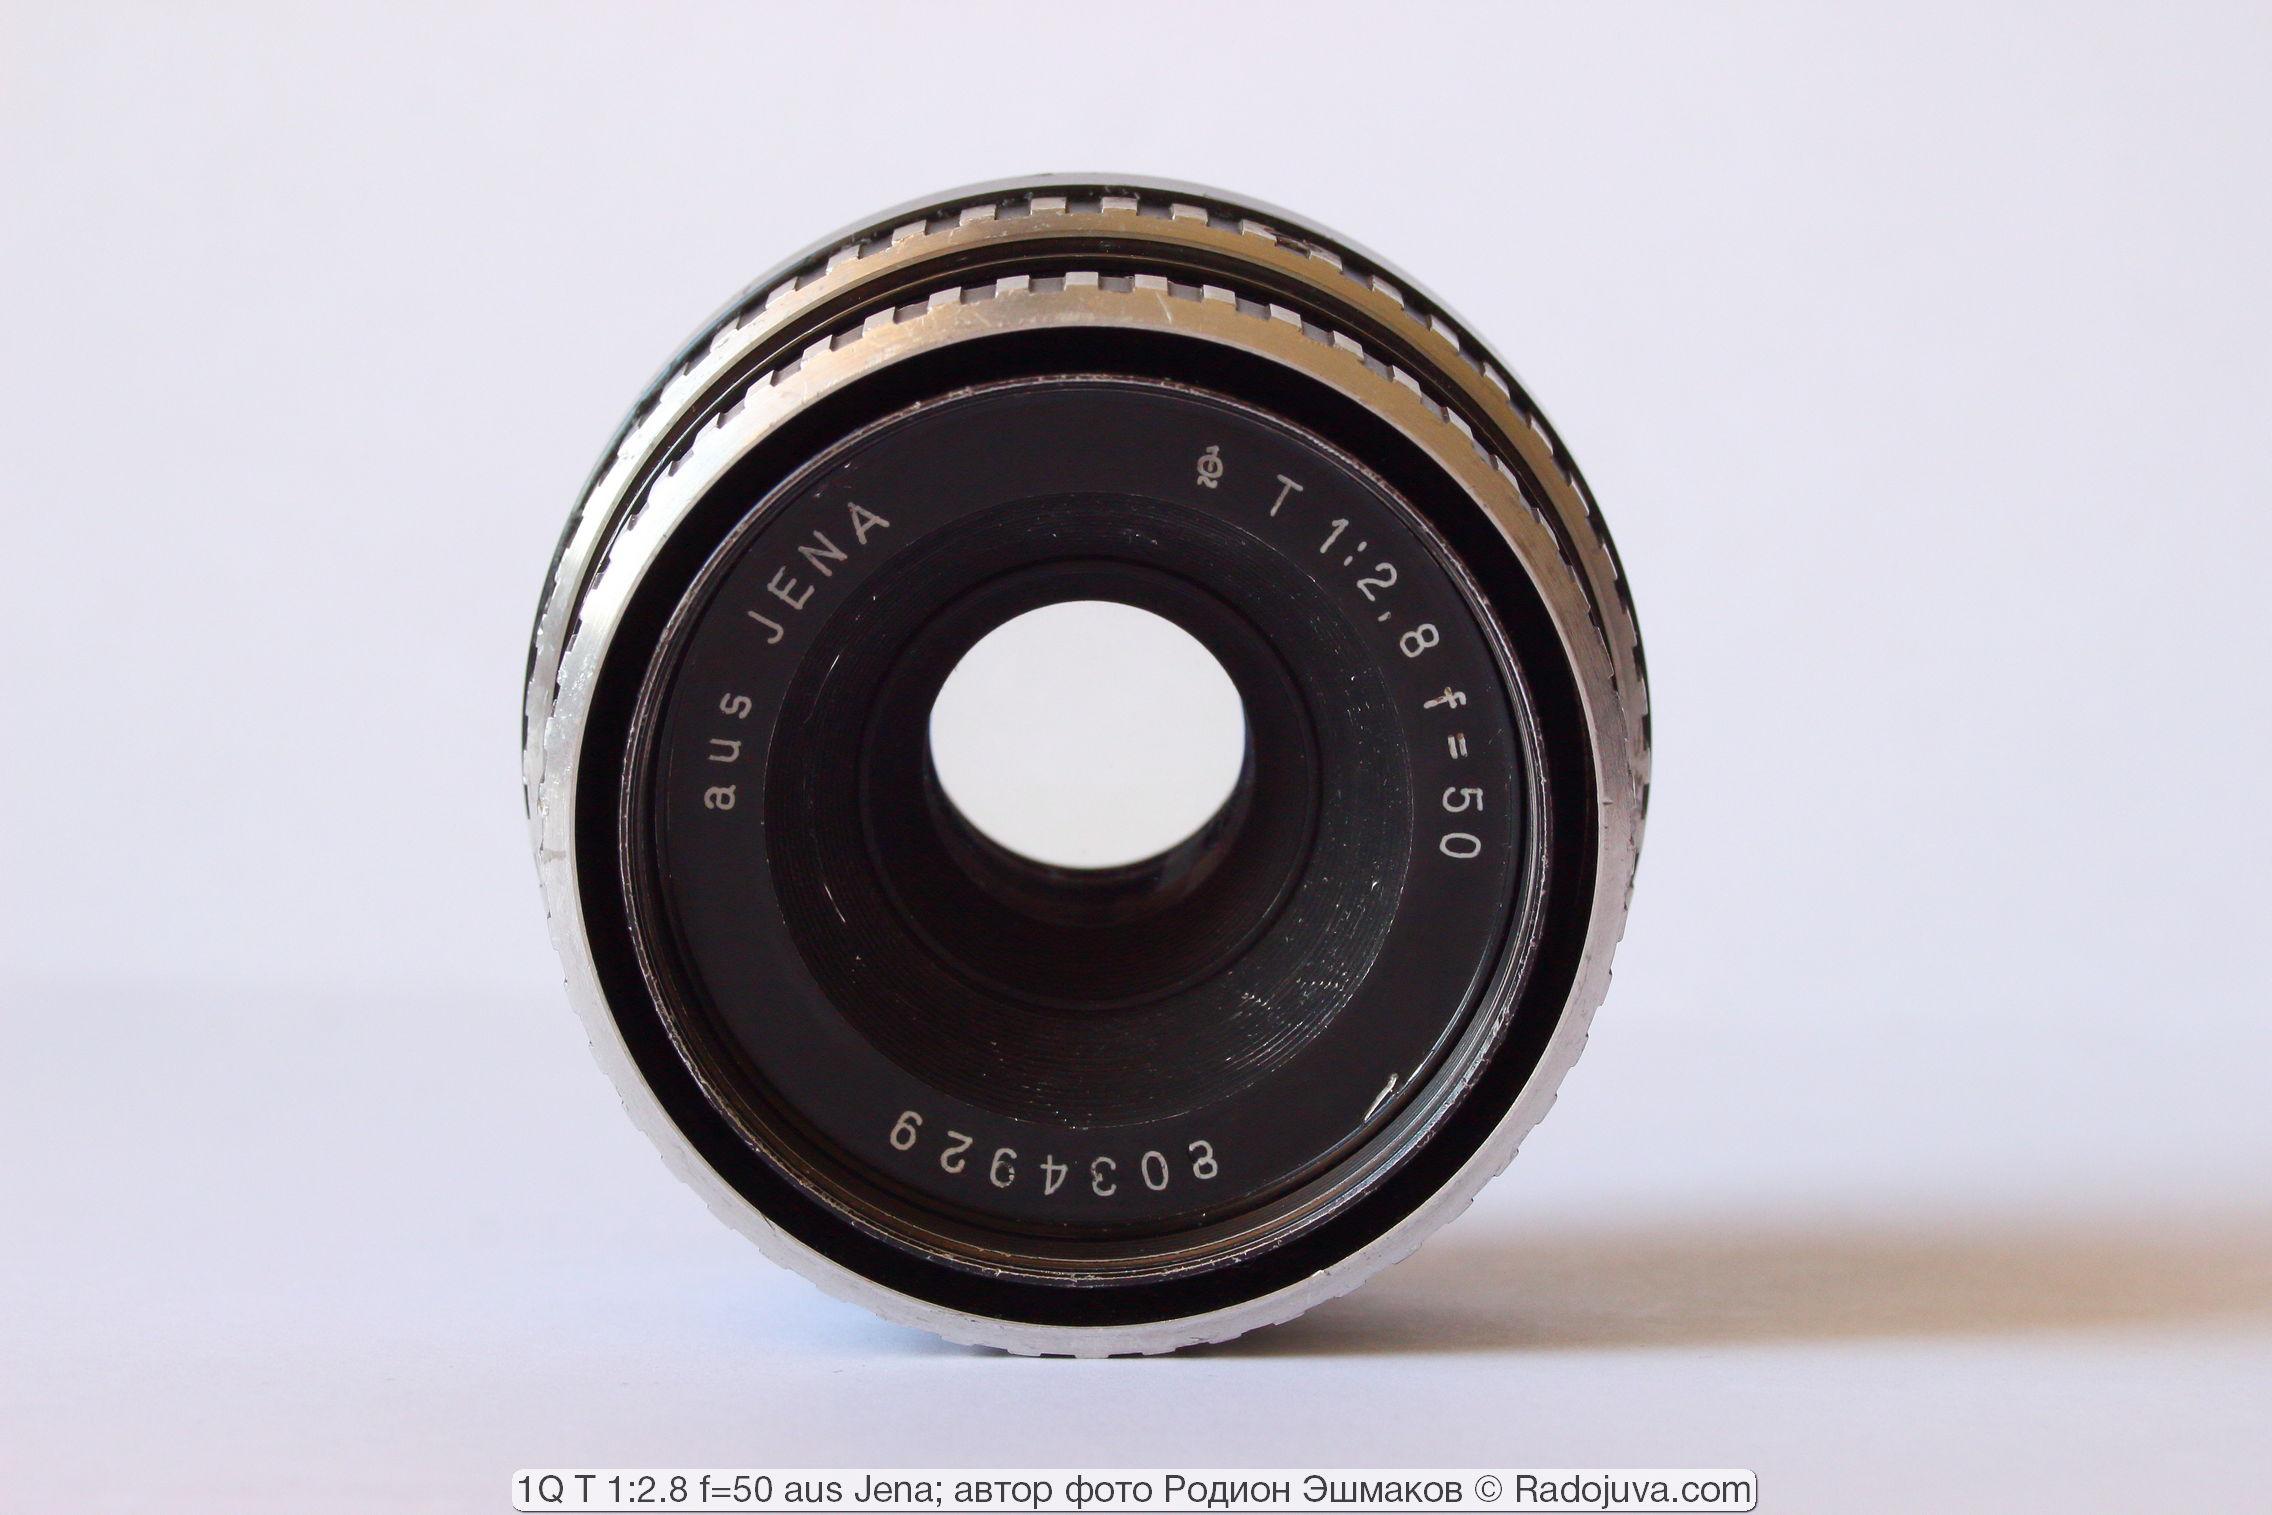 1Q T 1:2.8 f=50 aus Jena (Carl Zeiss Jena Tessar 50/2.8 DDR)